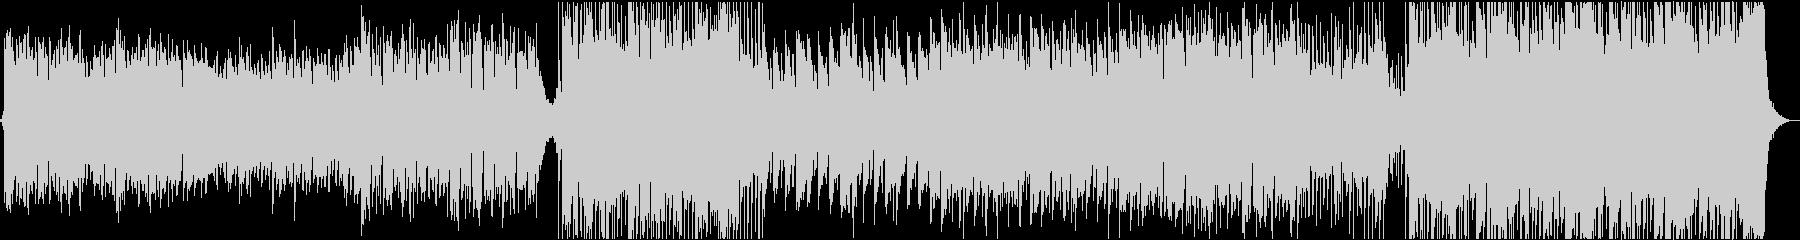 壮大なケルト風BGMの未再生の波形